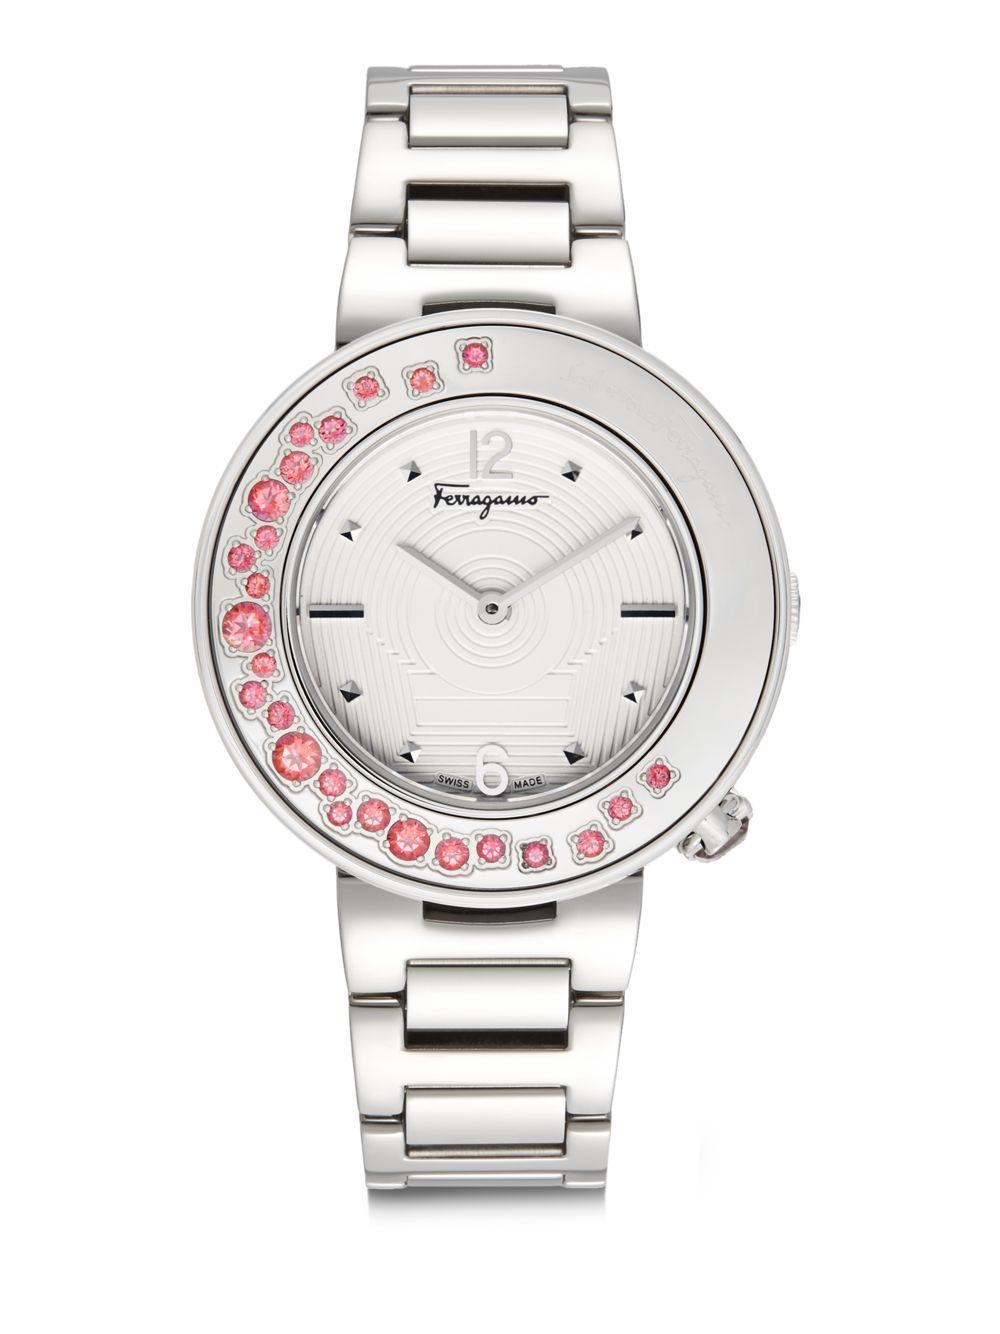 Ferragamo Topaz Bezel Stainless Steel Bracelet Watch In